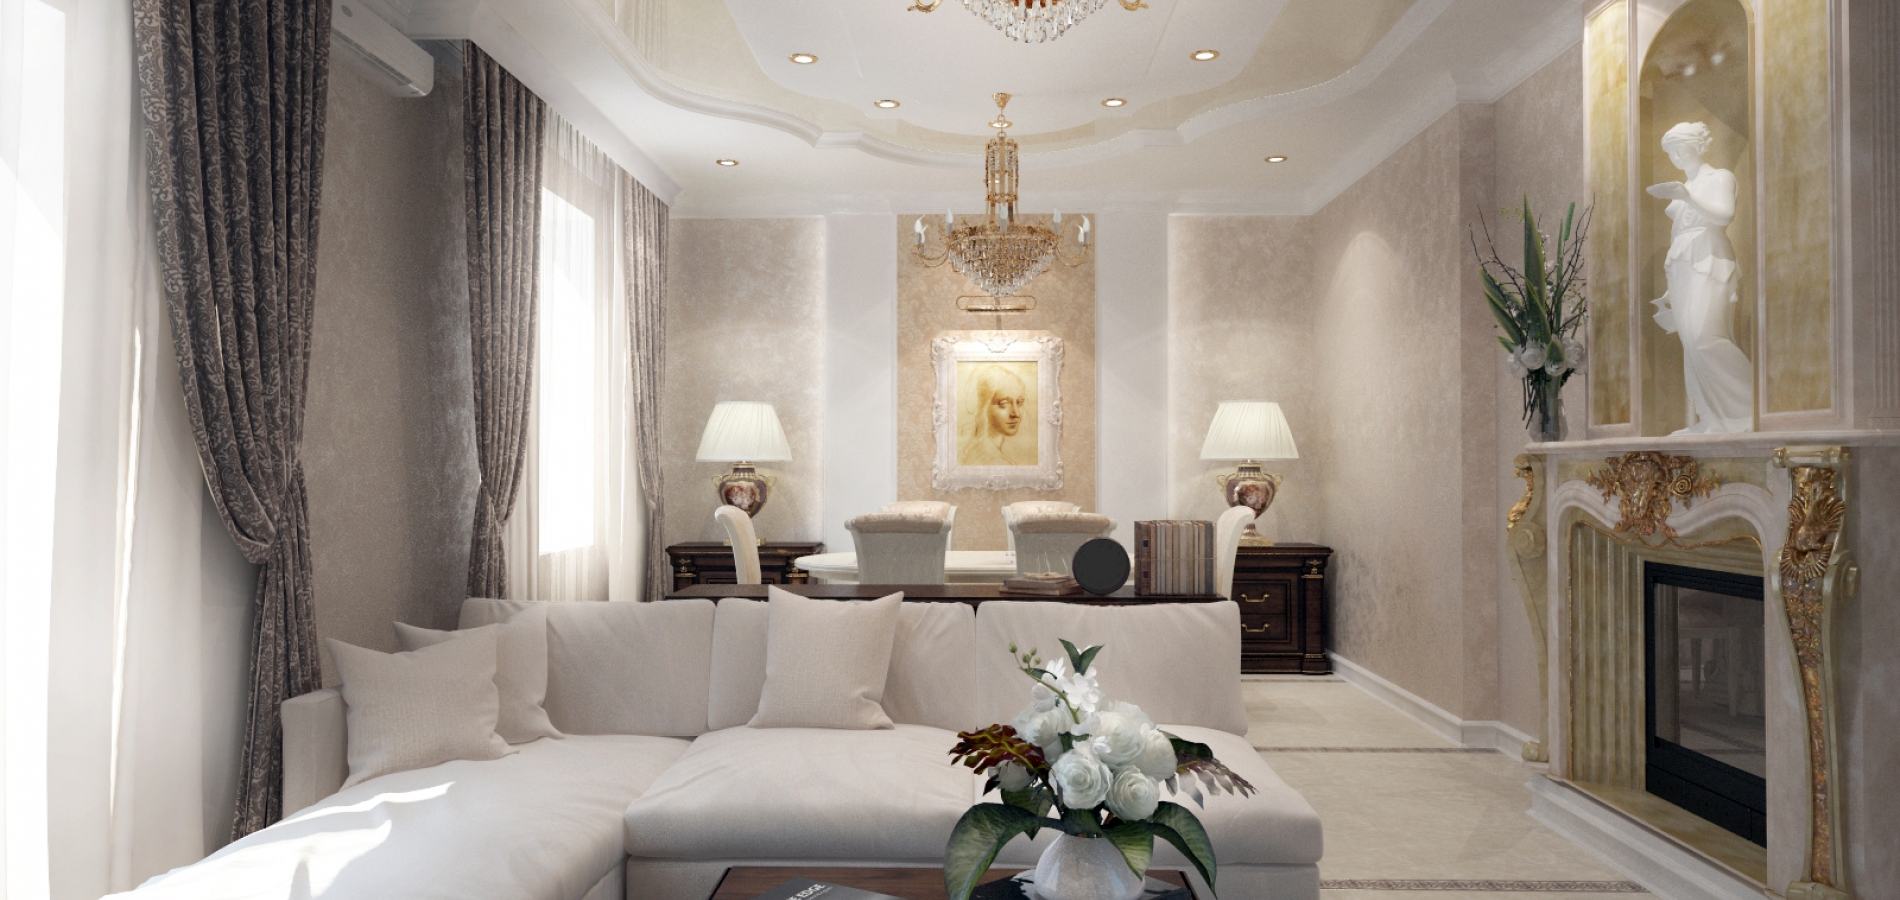 Класичні меблі в будинку